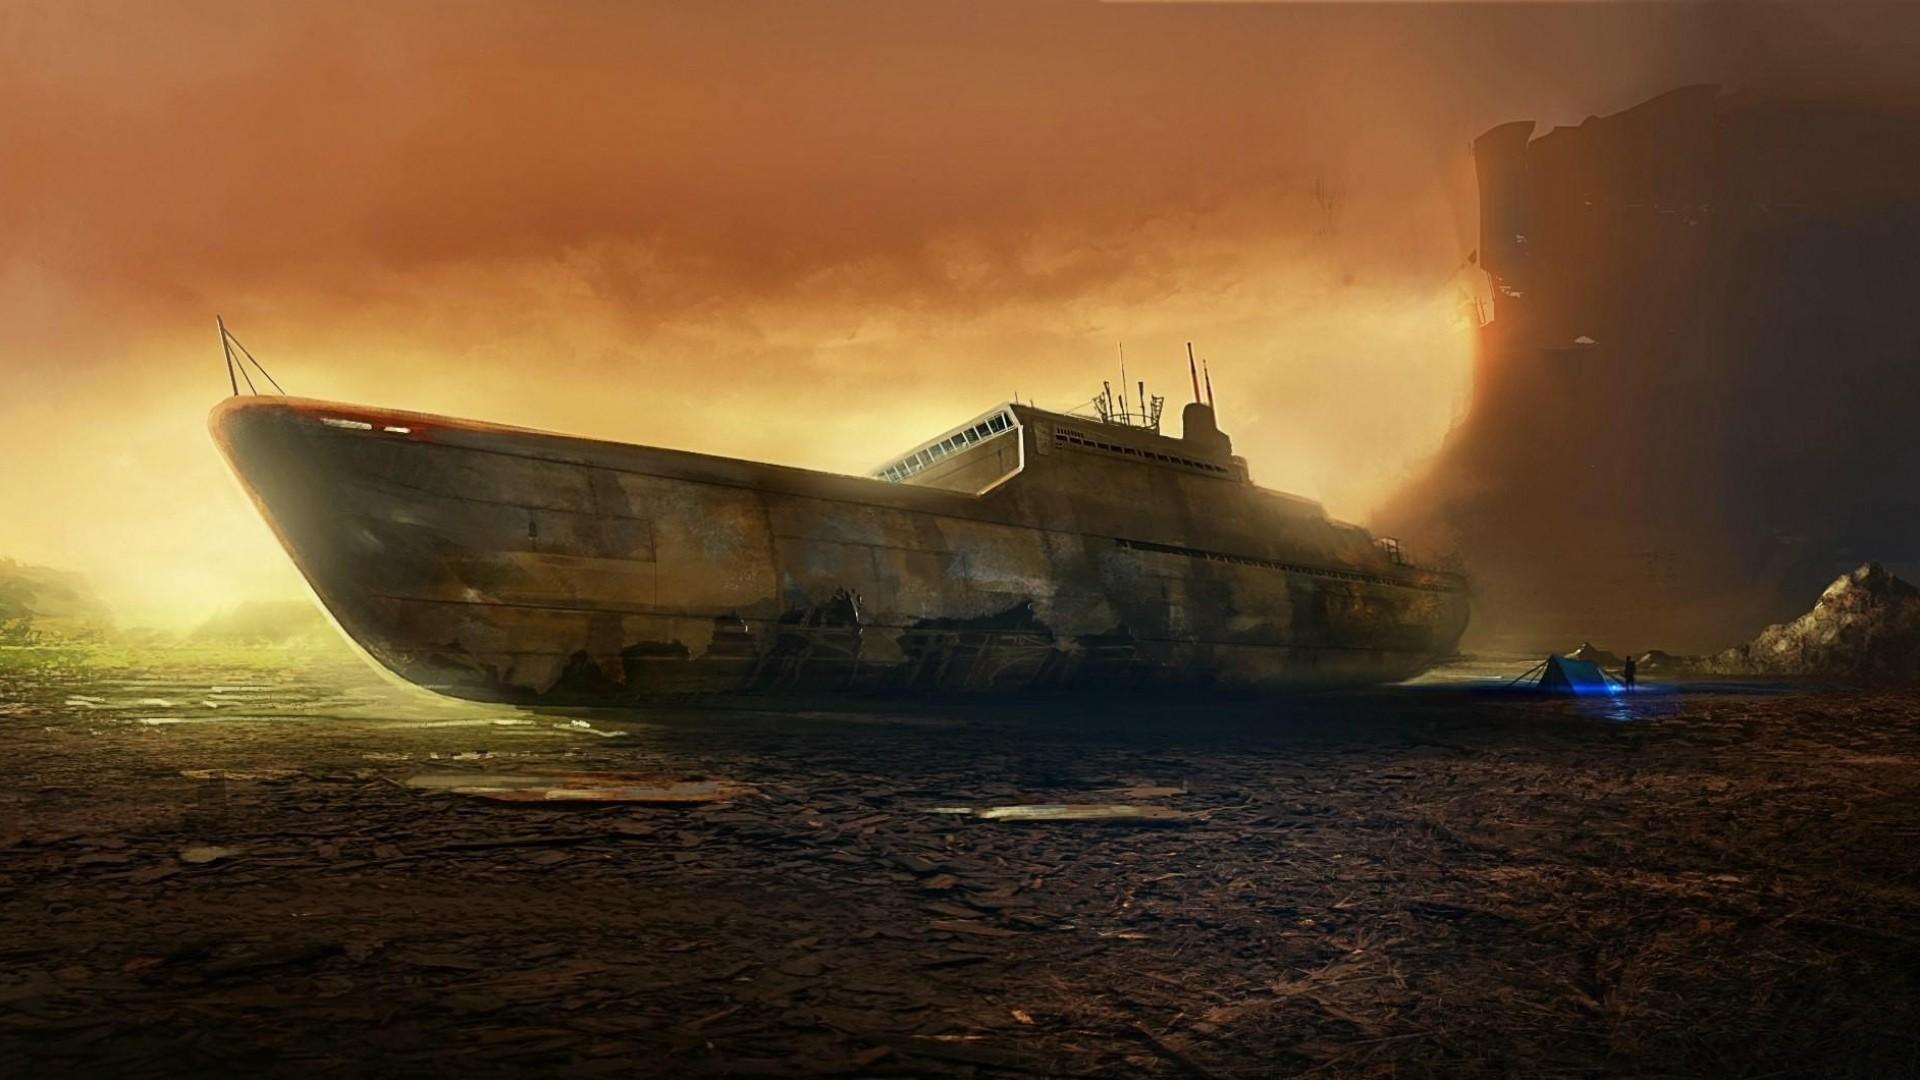 Wallpaper ship, destruction, beach, tent, man